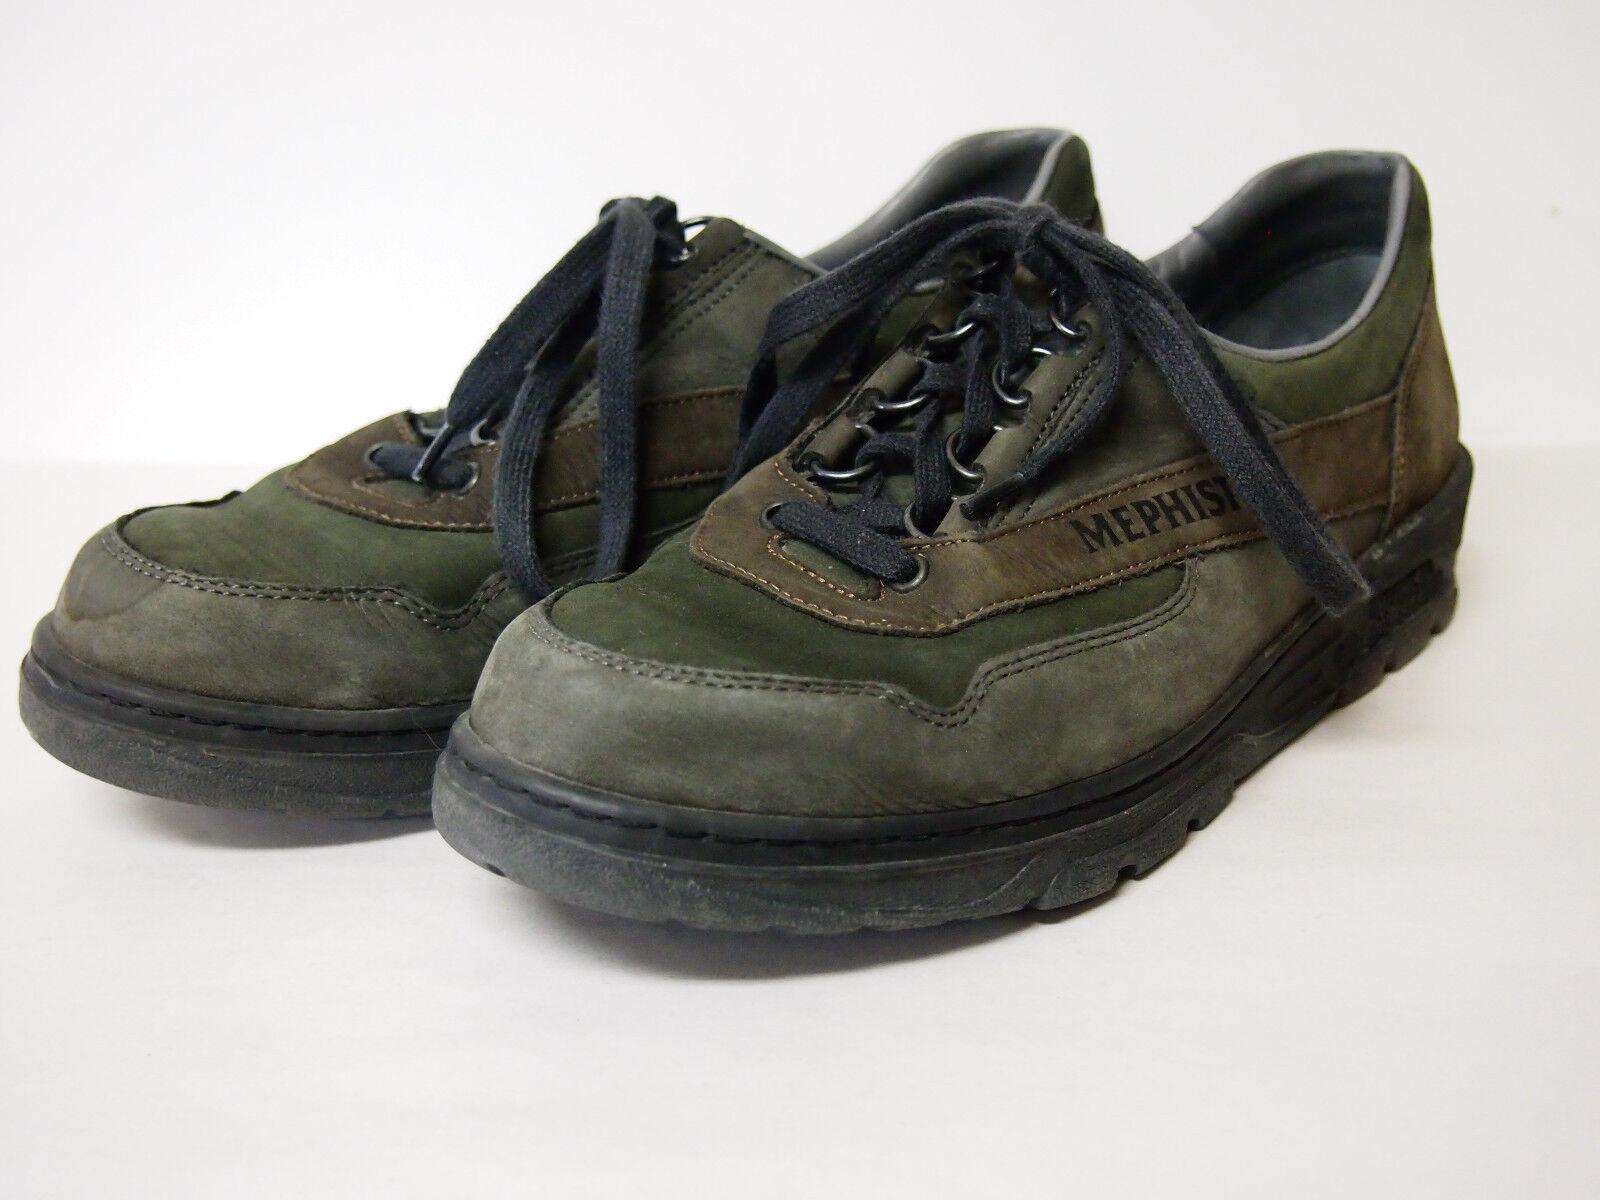 donna Mefisto Holiday 8.5 Full Grain  Walking scarpe MSRP  250 EU Dimensione 6  qualità ufficiale